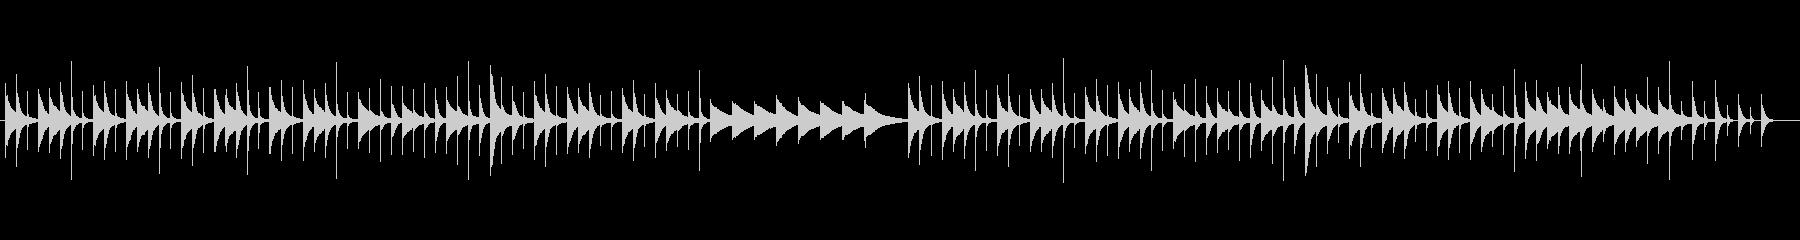 素朴な音色が切ないオルゴールの未再生の波形